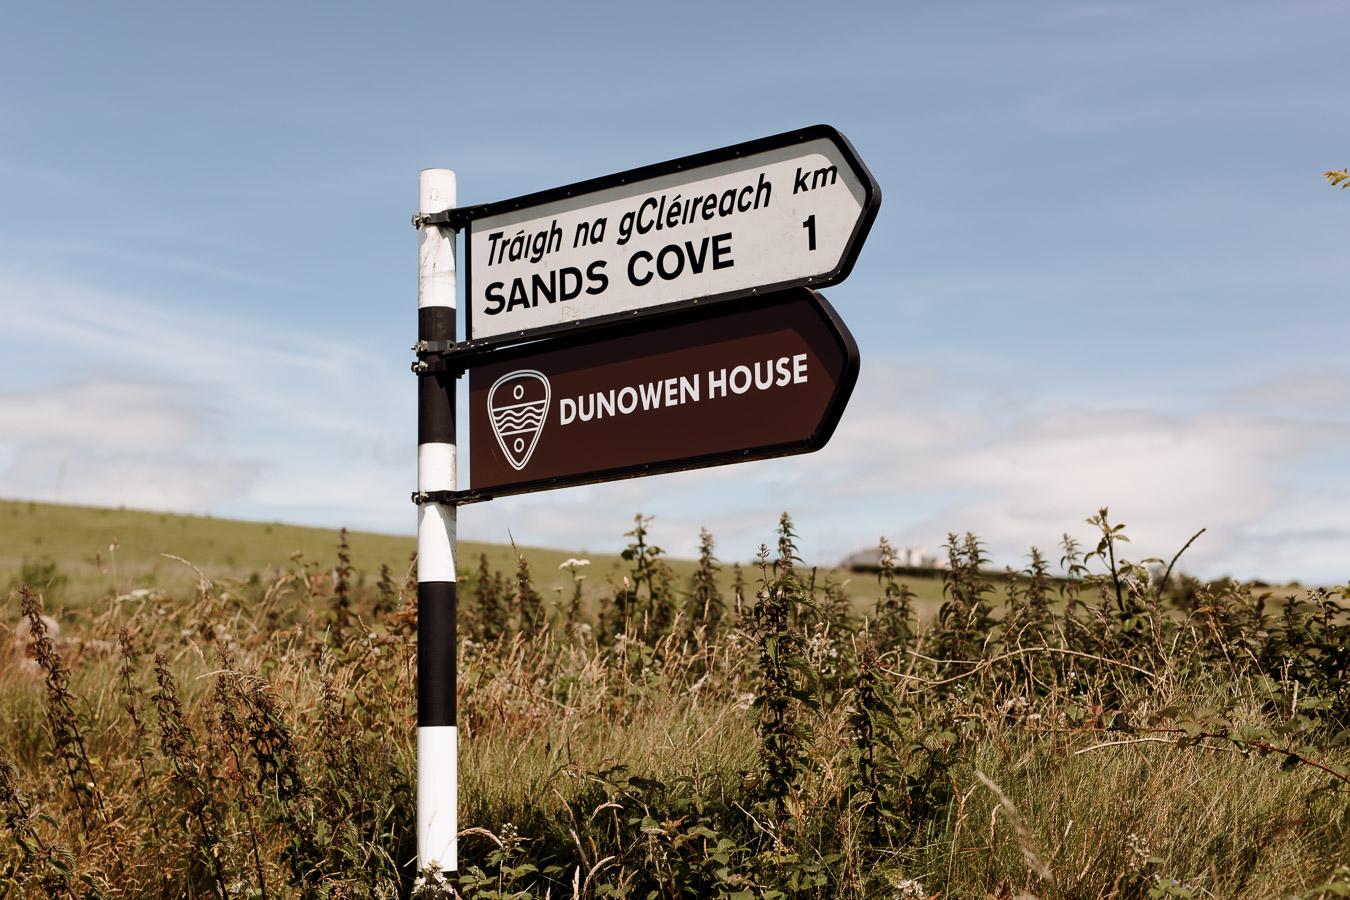 sandscovecork2.jpg